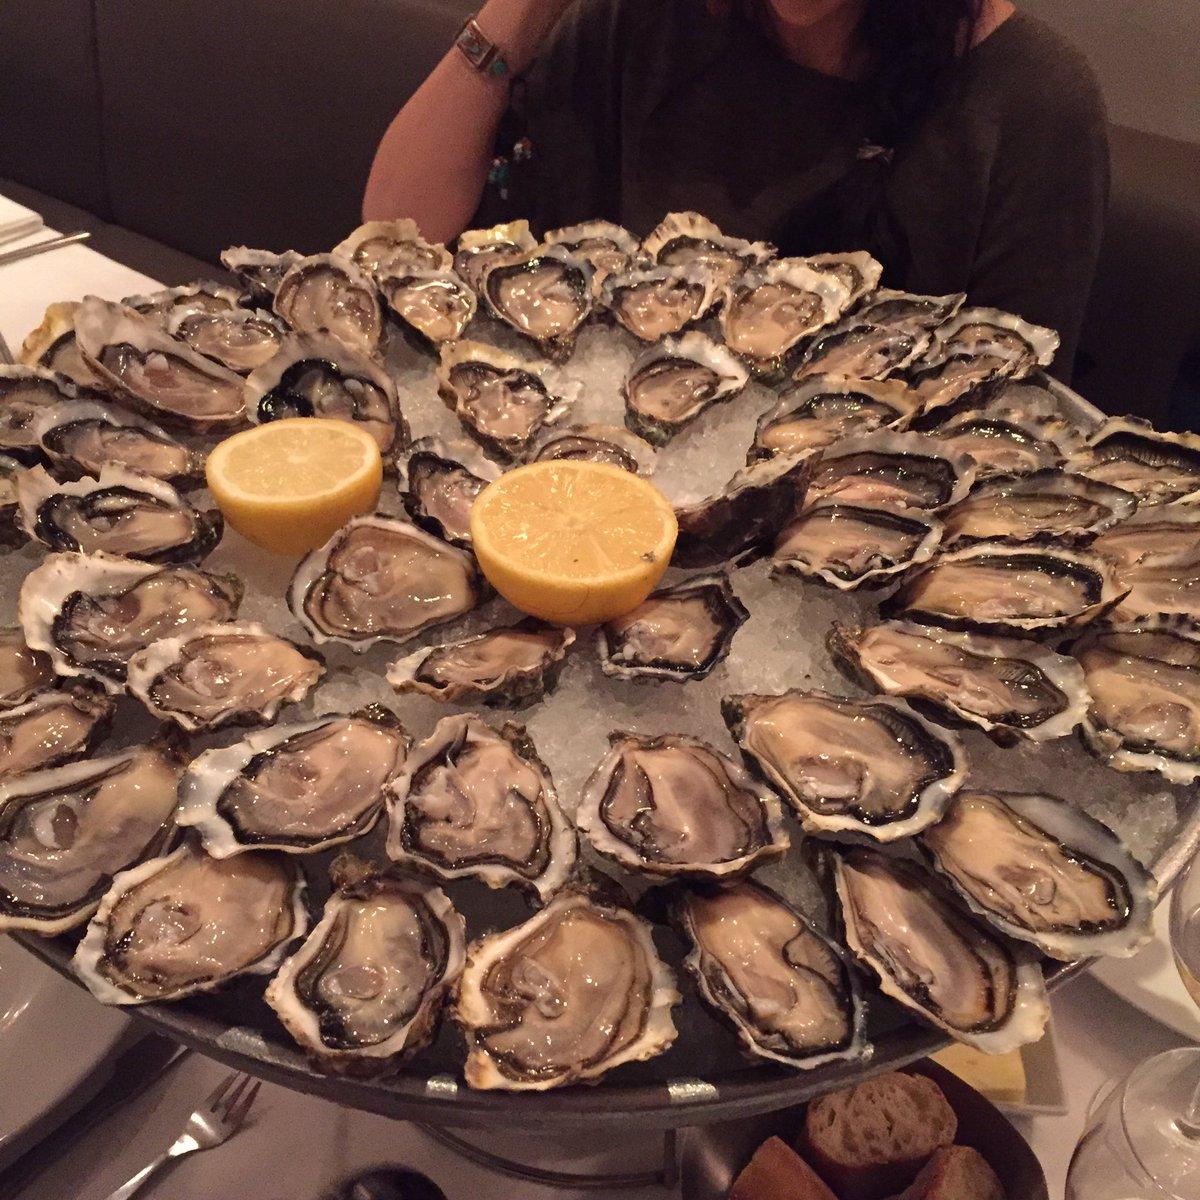 「生牡蠣が嫌いじゃないなら注文しよう。12個でいいか?」って聞かれたから、4人で12個なのかと思ってたら、一人あたら12個だった。 https://t.co/ZL1KllHOUt